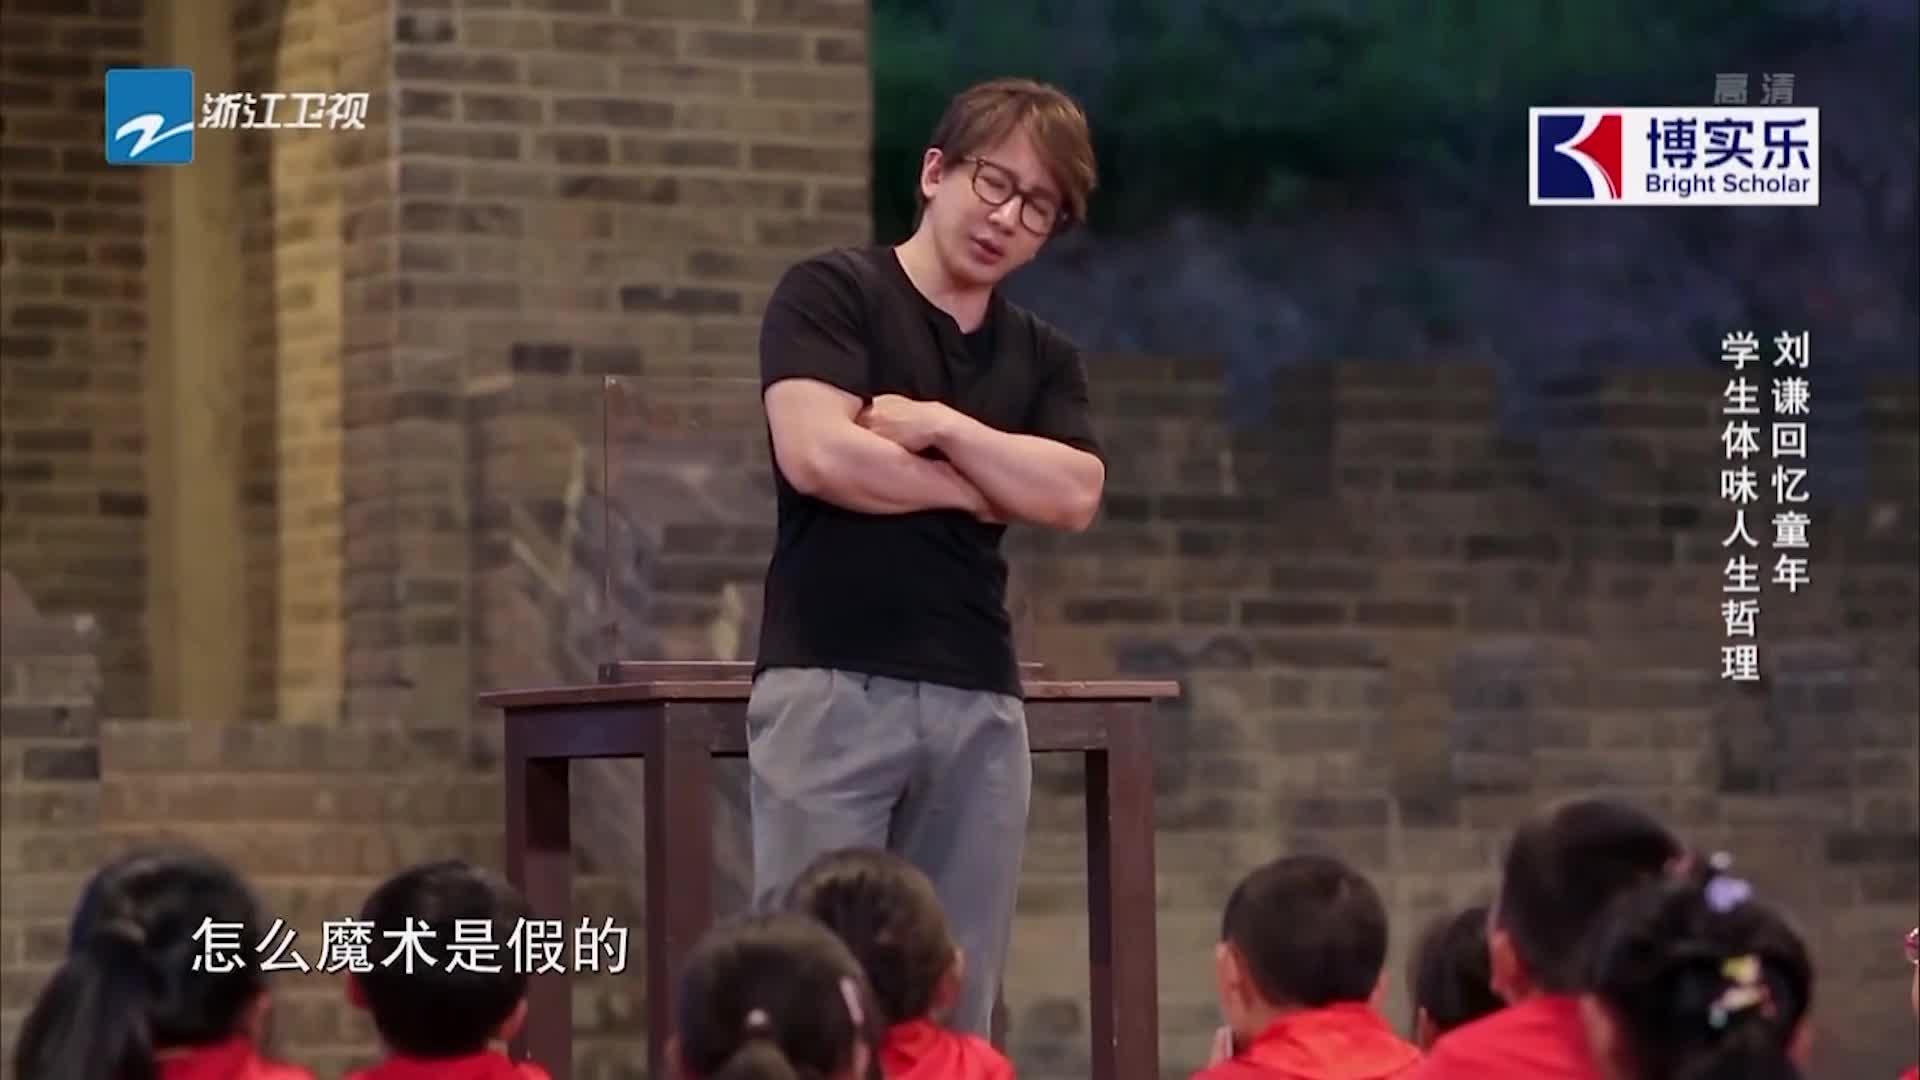 同一堂课:学生的想法天花乱坠,郑渊洁一脸问号,这是认真的?